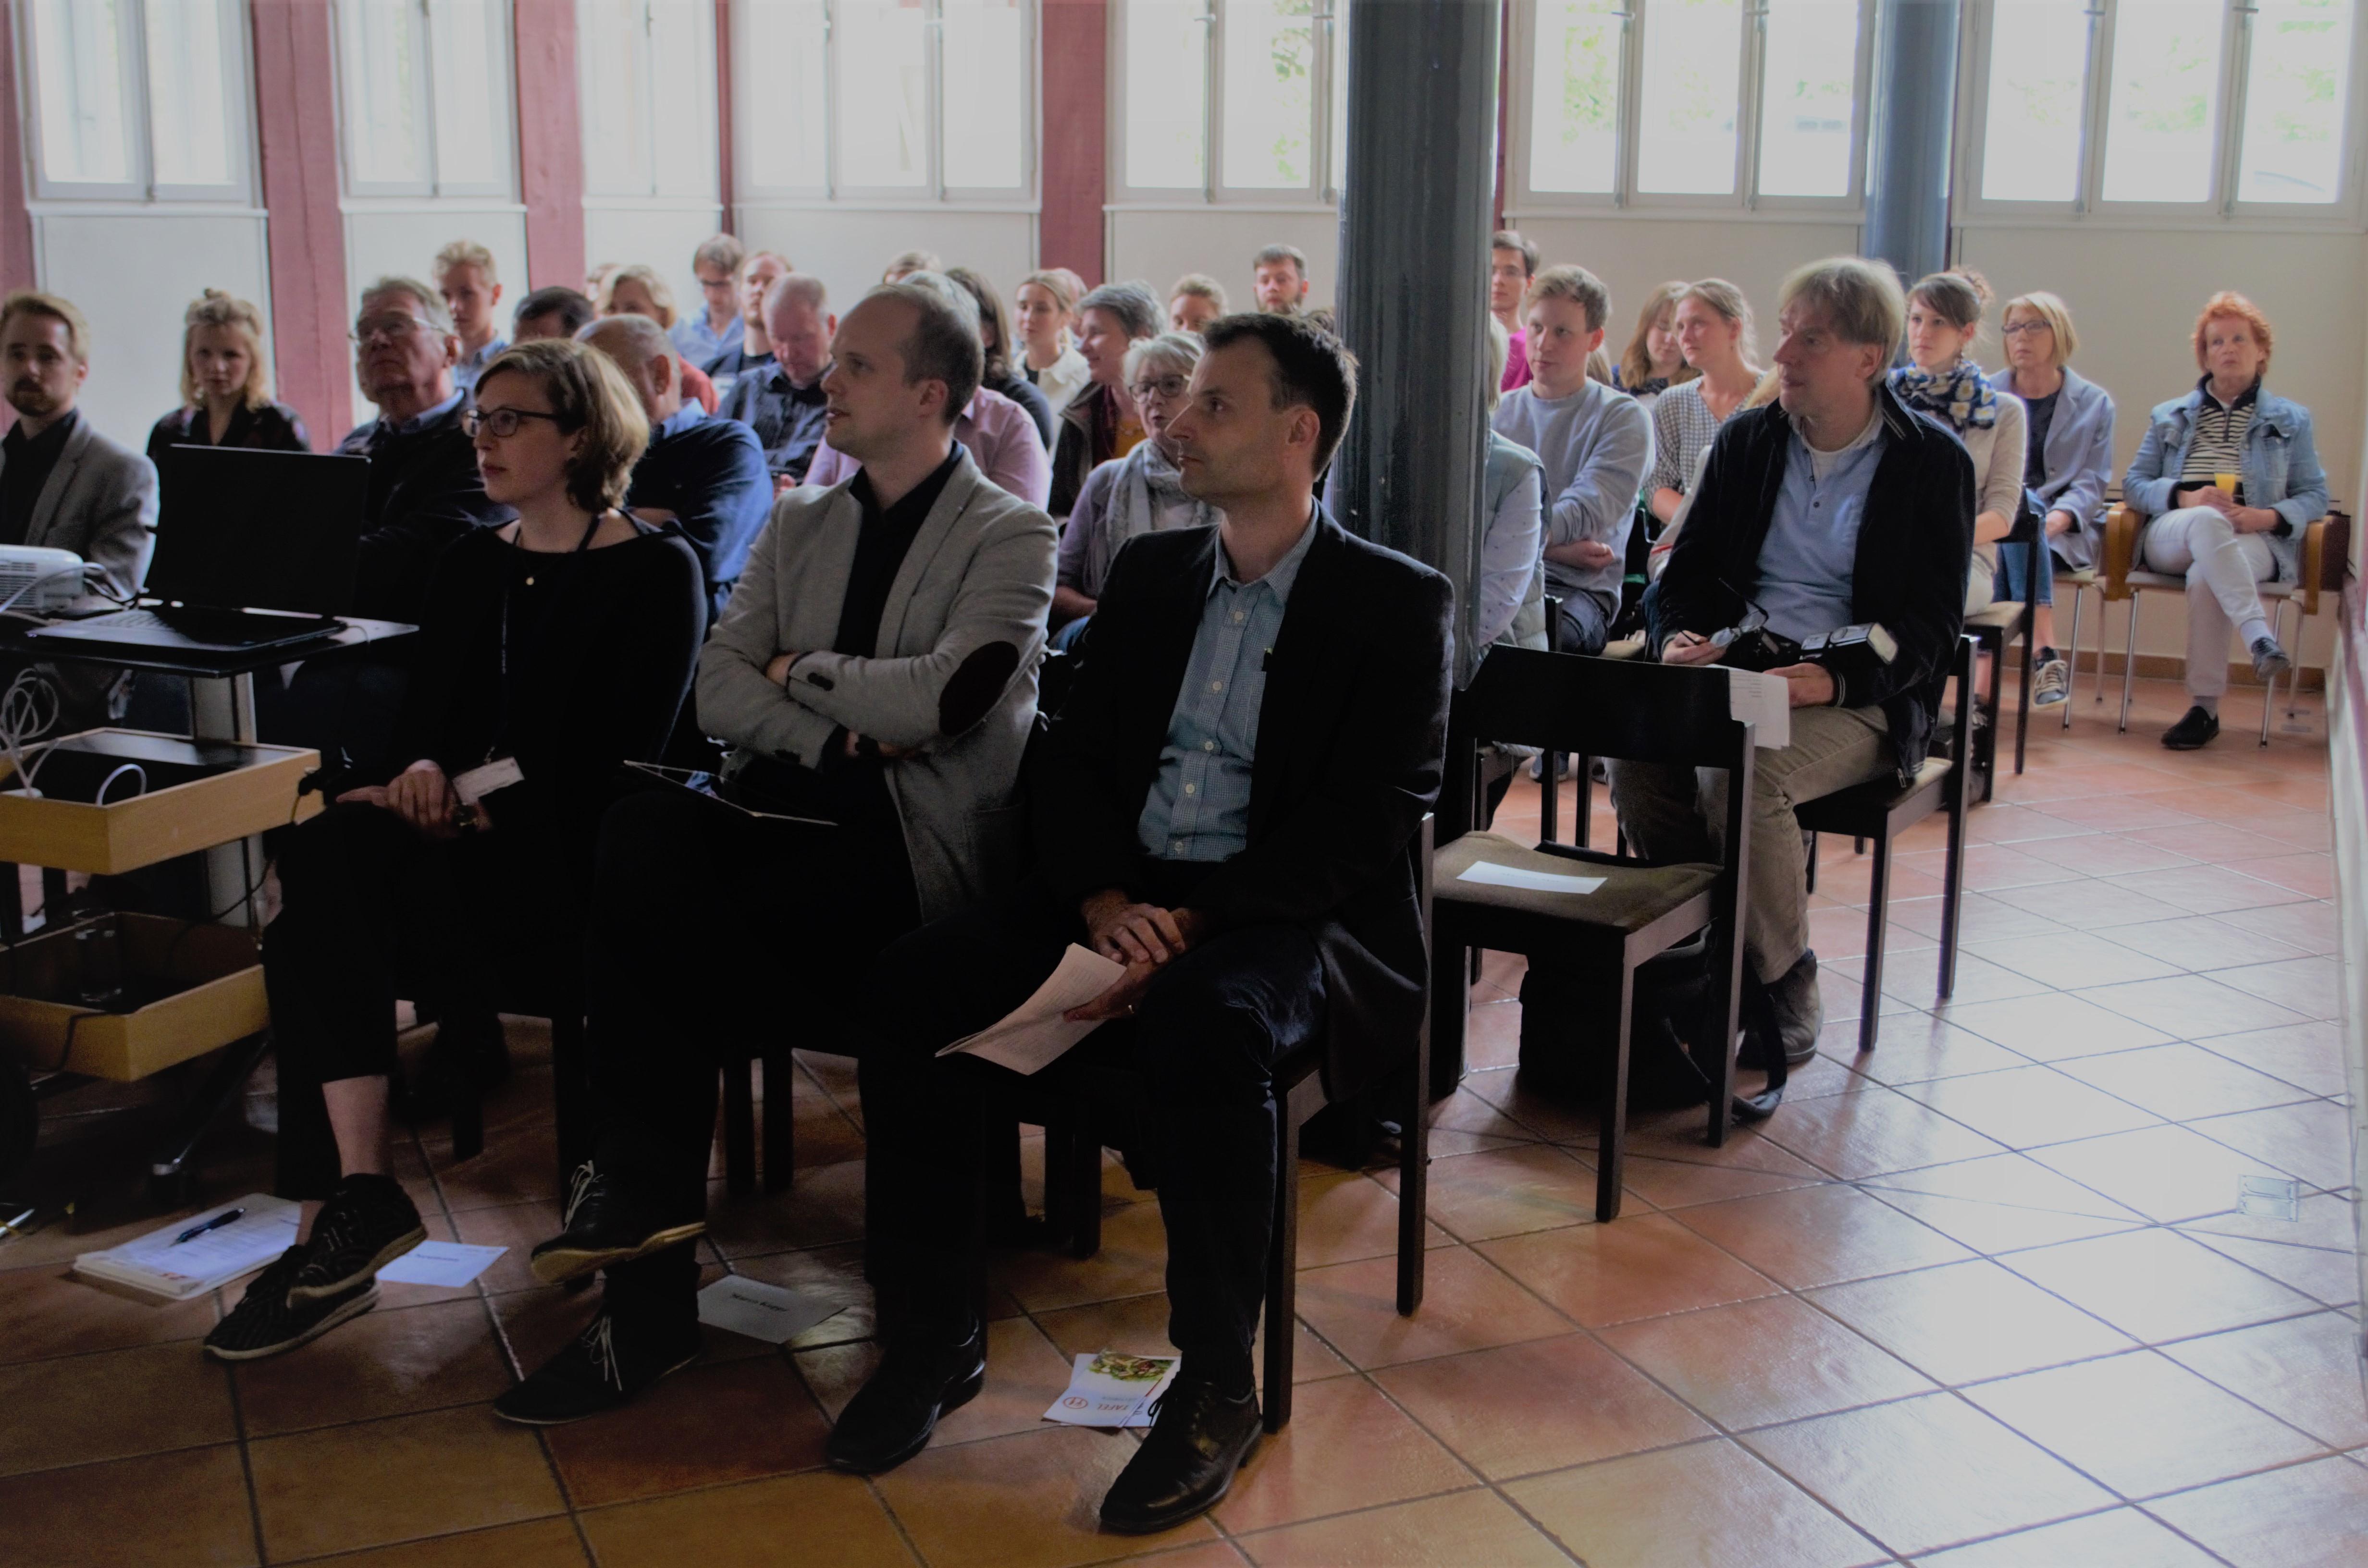 v.r.  Prof. Weishaupt, Ph.D.; Marco Koppe, Projektkoordinatorin SOZIUS: Leonie Neumann